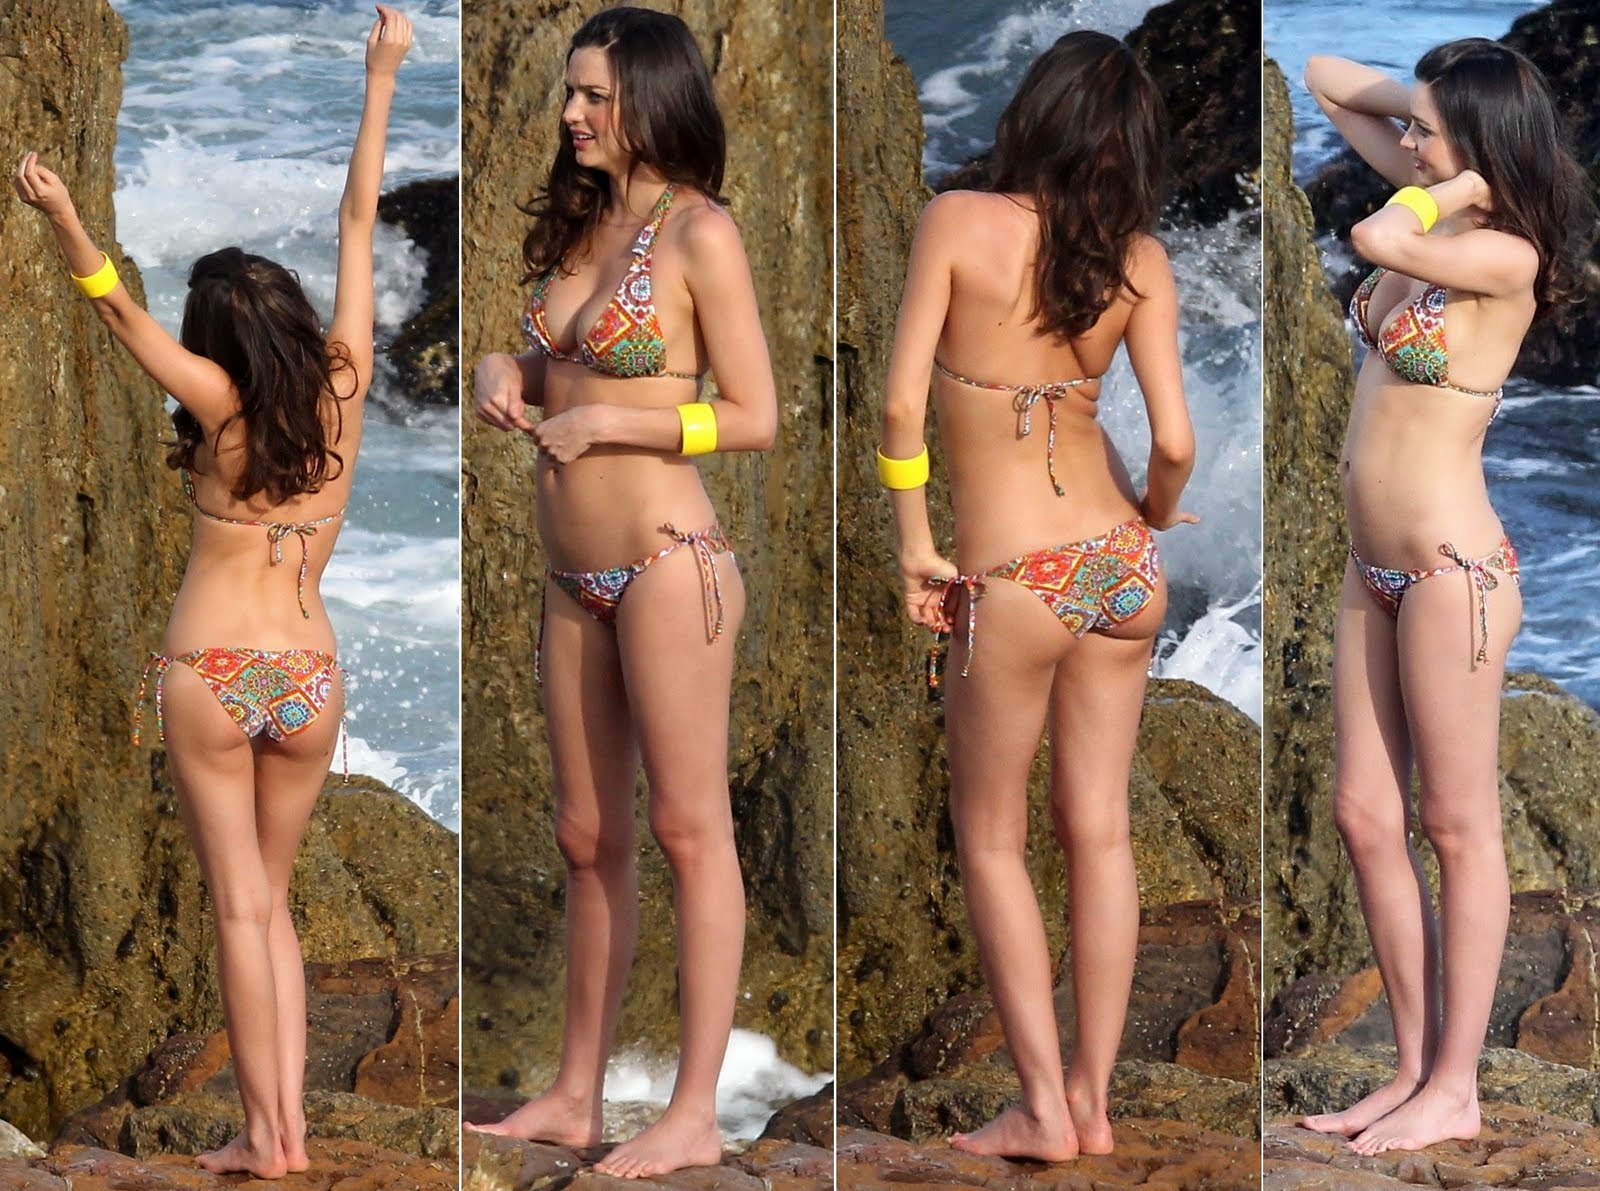 http://4.bp.blogspot.com/-YXu_MygGLI8/TfE7klgGWdI/AAAAAAAAACo/BQp0zQqmv7M/s1600/Miranda+Kerr+%25E2%2580%2593+Victoria%25E2%2580%2599s+Secret+Bikini+Photoshoot-06.jpg